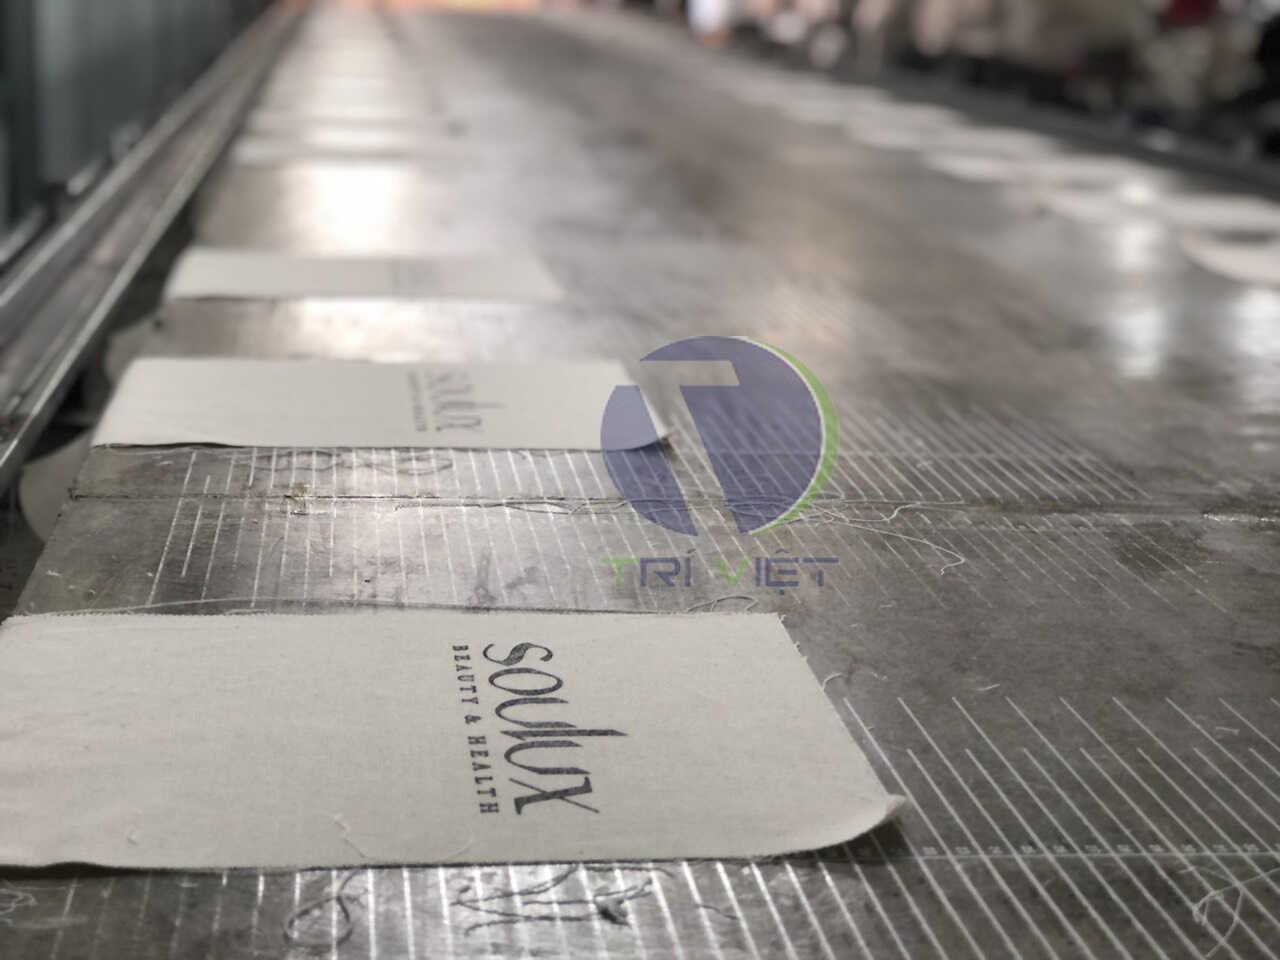 Túi vải canvas may in theo yêu cầu mang giá trị thương hiệu đảm bảo chất lượng, giá rẻ tại Trí Việt